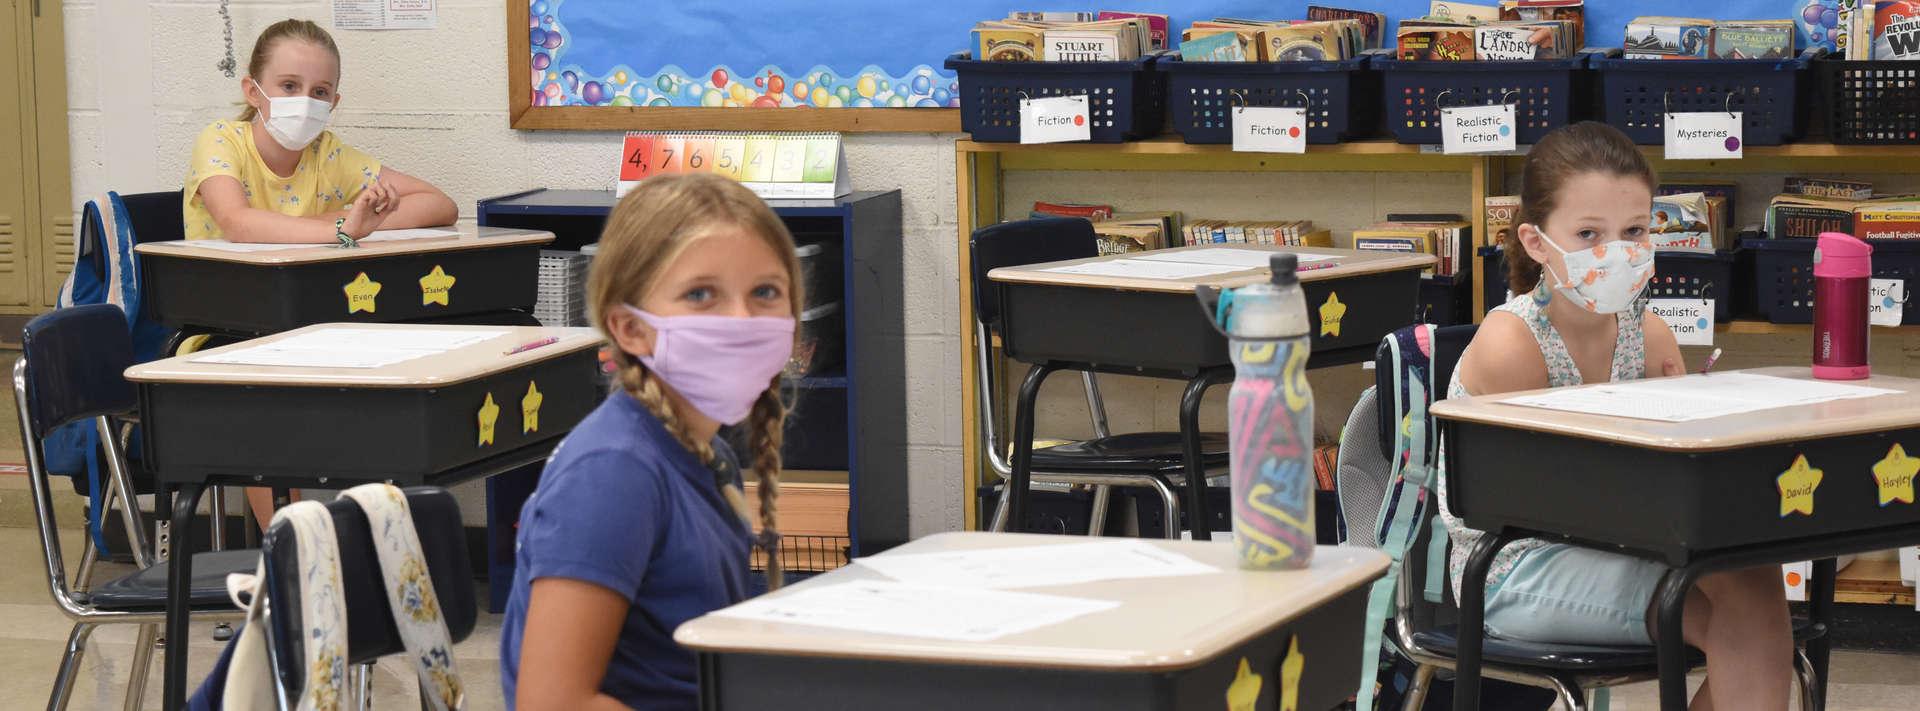 three girls with masks sit in desks